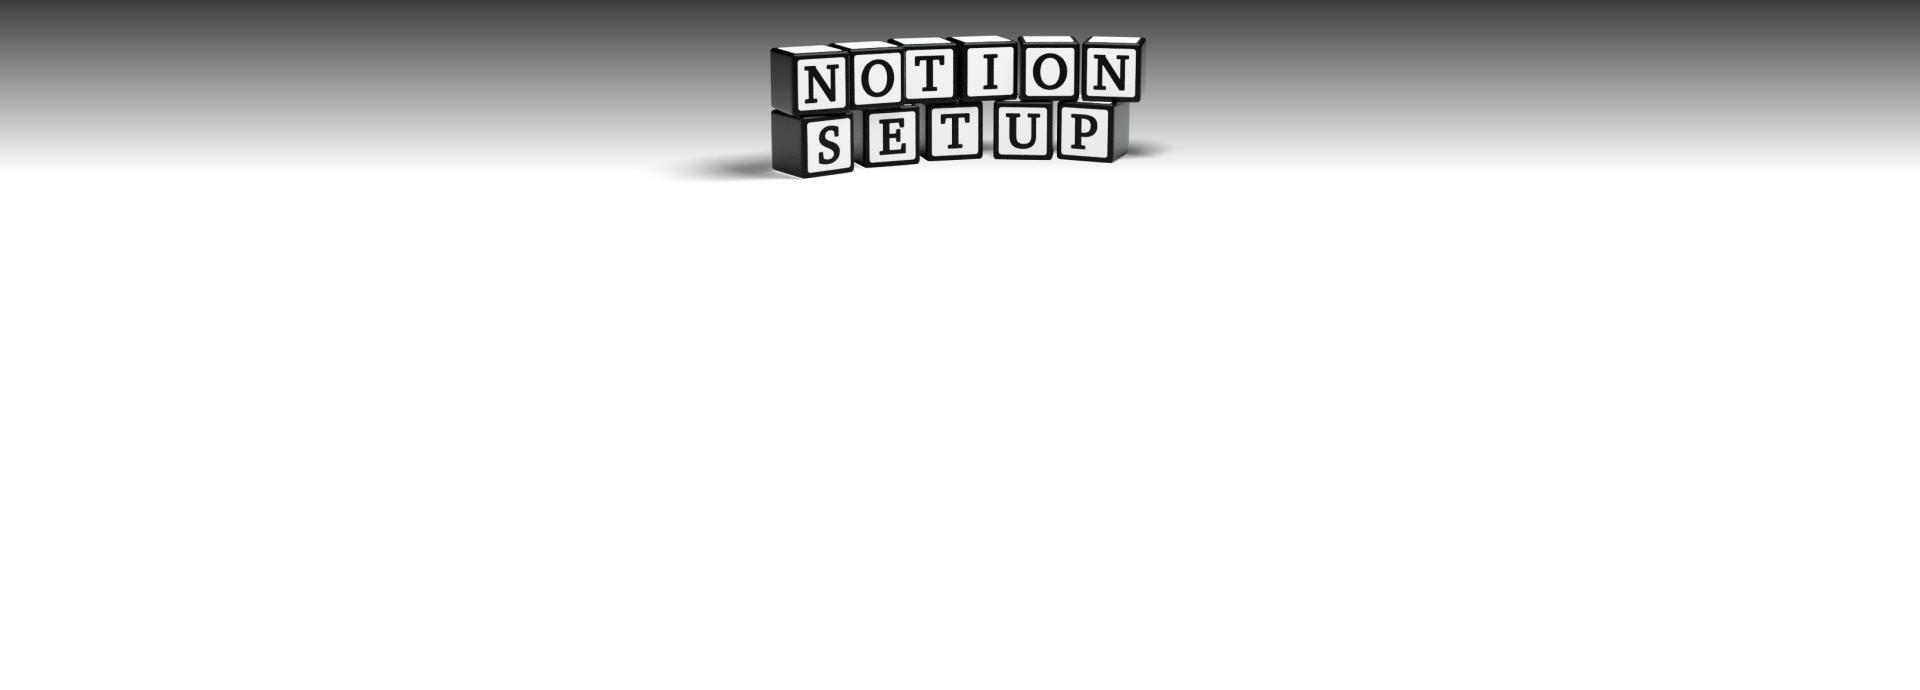 Notion Setup